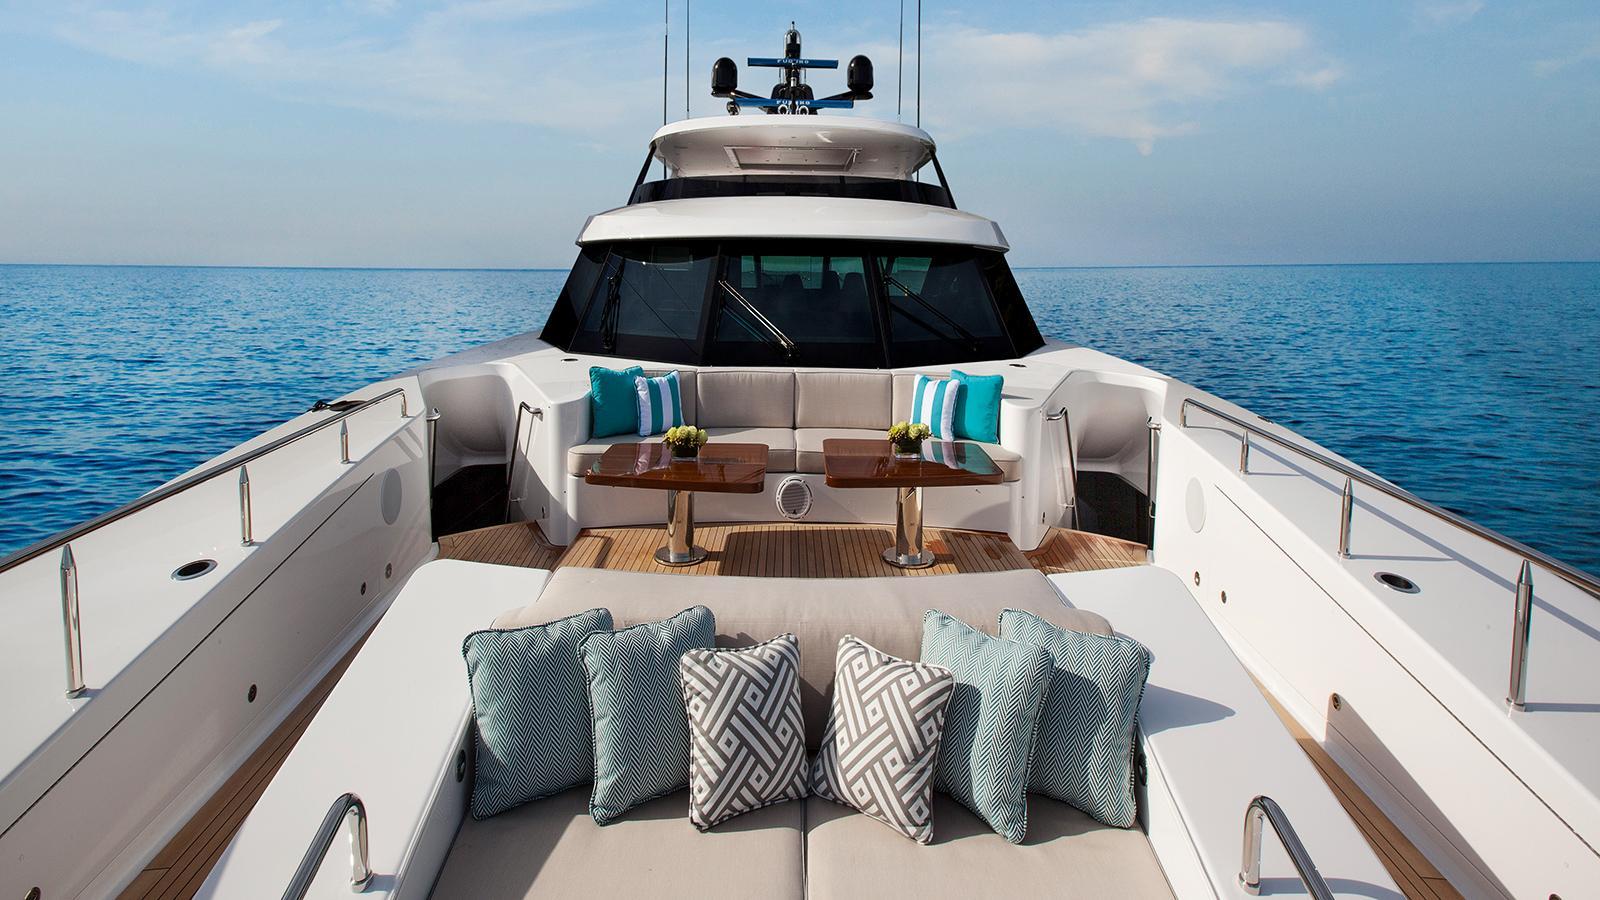 black gold motoryacht westport 125 foredeck credit scott pearson